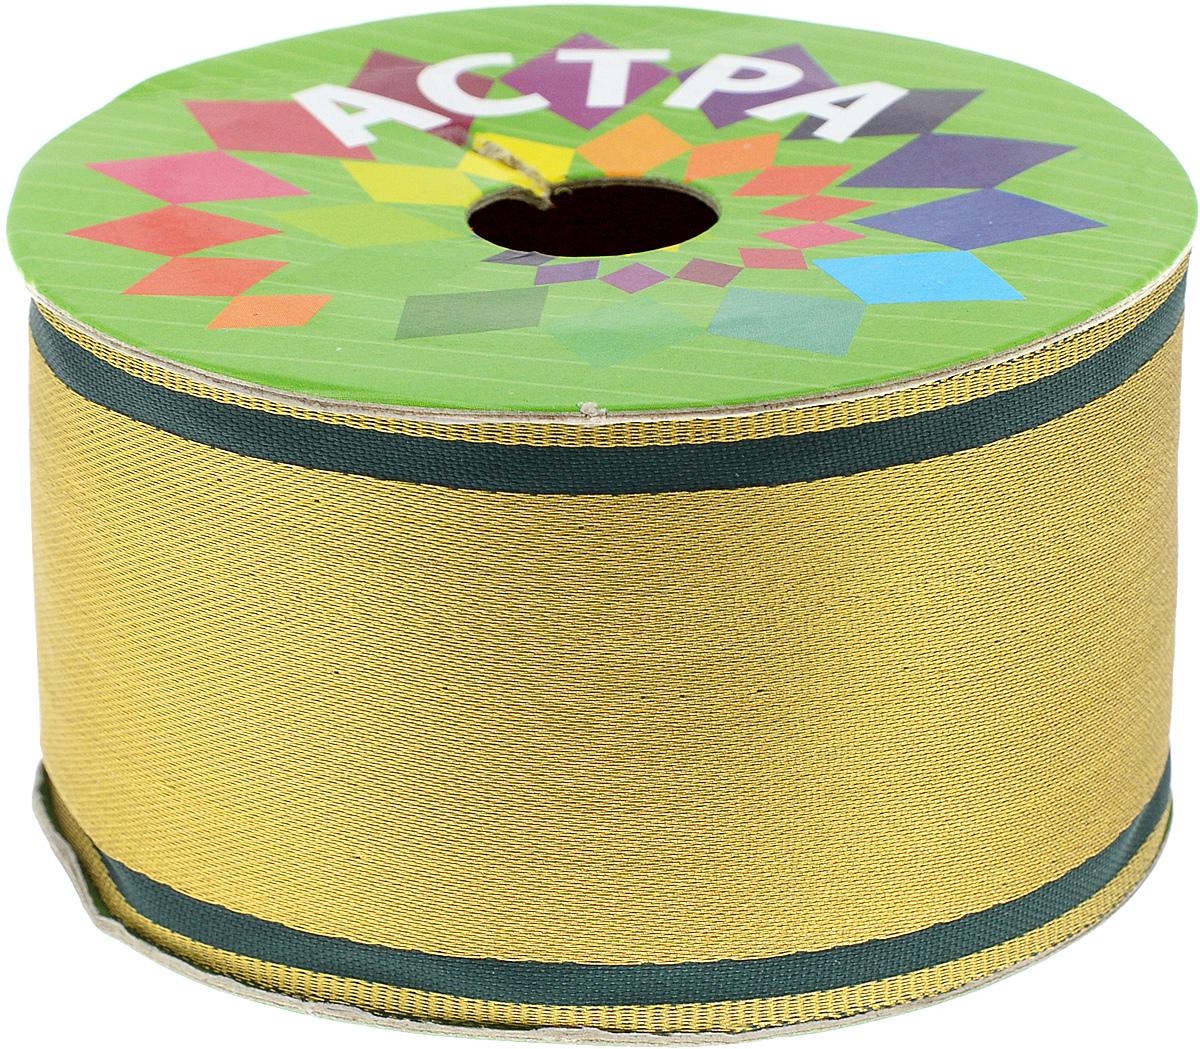 Тесьма декоративная Астра, цвет: золотистый, темно-зеленый, ширина 5 см, длина 8,2 м7703384_17D/золотоДекоративная тесьма Астра выполнена из текстиля и оформлена оригинальным орнаментом. Такая тесьма идеально подойдет для оформления различных творческих работ таких, как скрапбукинг, аппликация, декор коробок и открыток и многое другое. Тесьма наивысшего качества и практична в использовании. Она станет незаменимом элементов в создании рукотворного шедевра. Ширина: 5 см. Длина: 8,2 м.